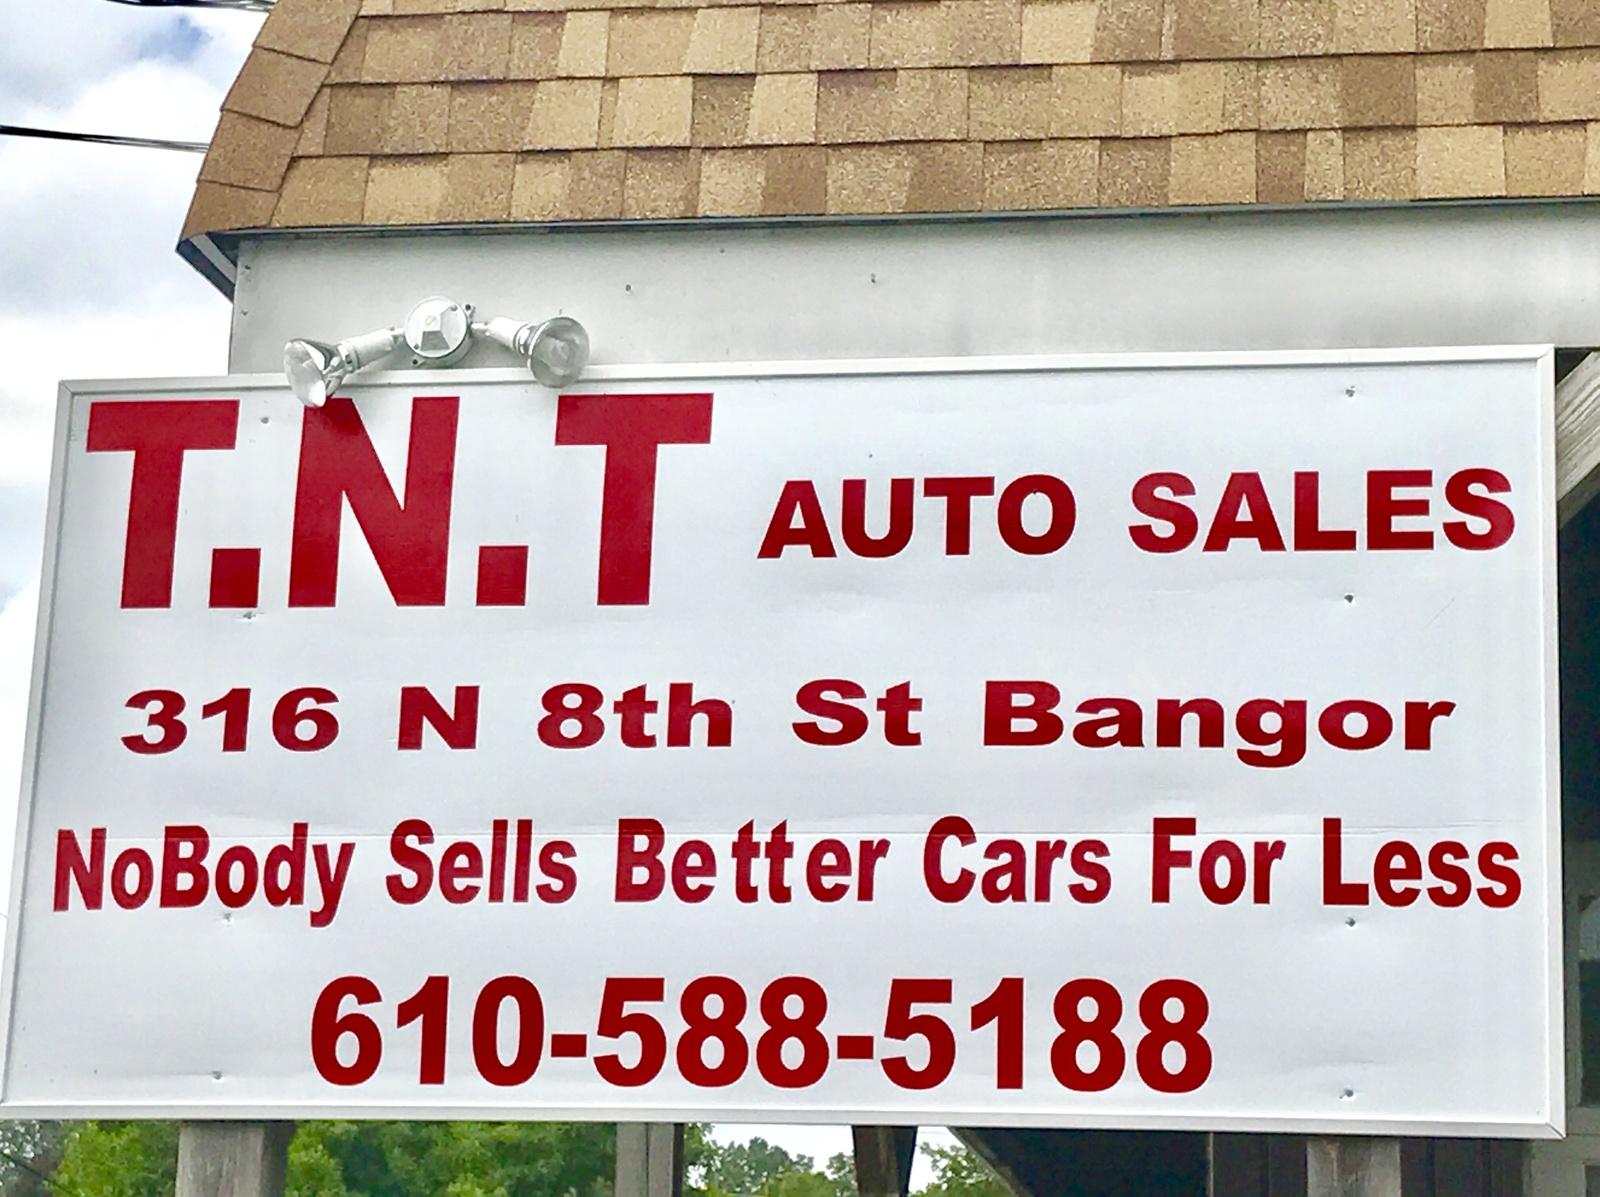 Tnt Auto Sales >> Tnt Auto Sales Bangor Pa Read Consumer Reviews Browse